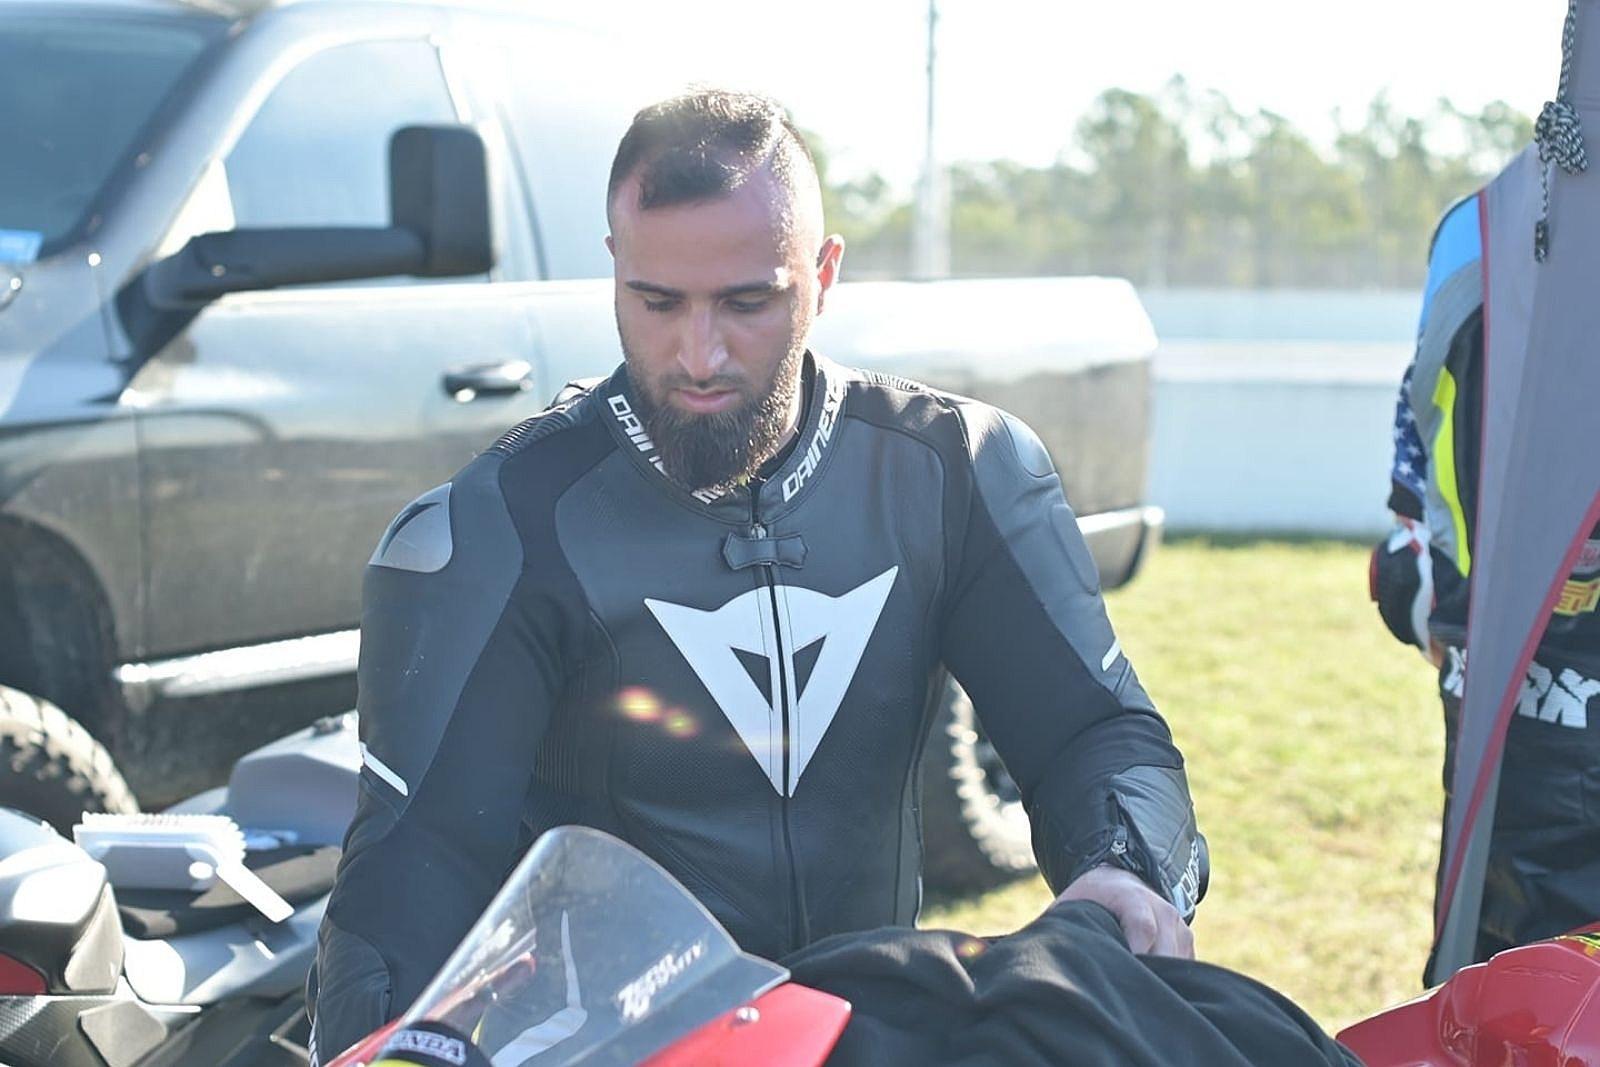 Paramus, NJ man racing motorcycle killed in crash, cops say